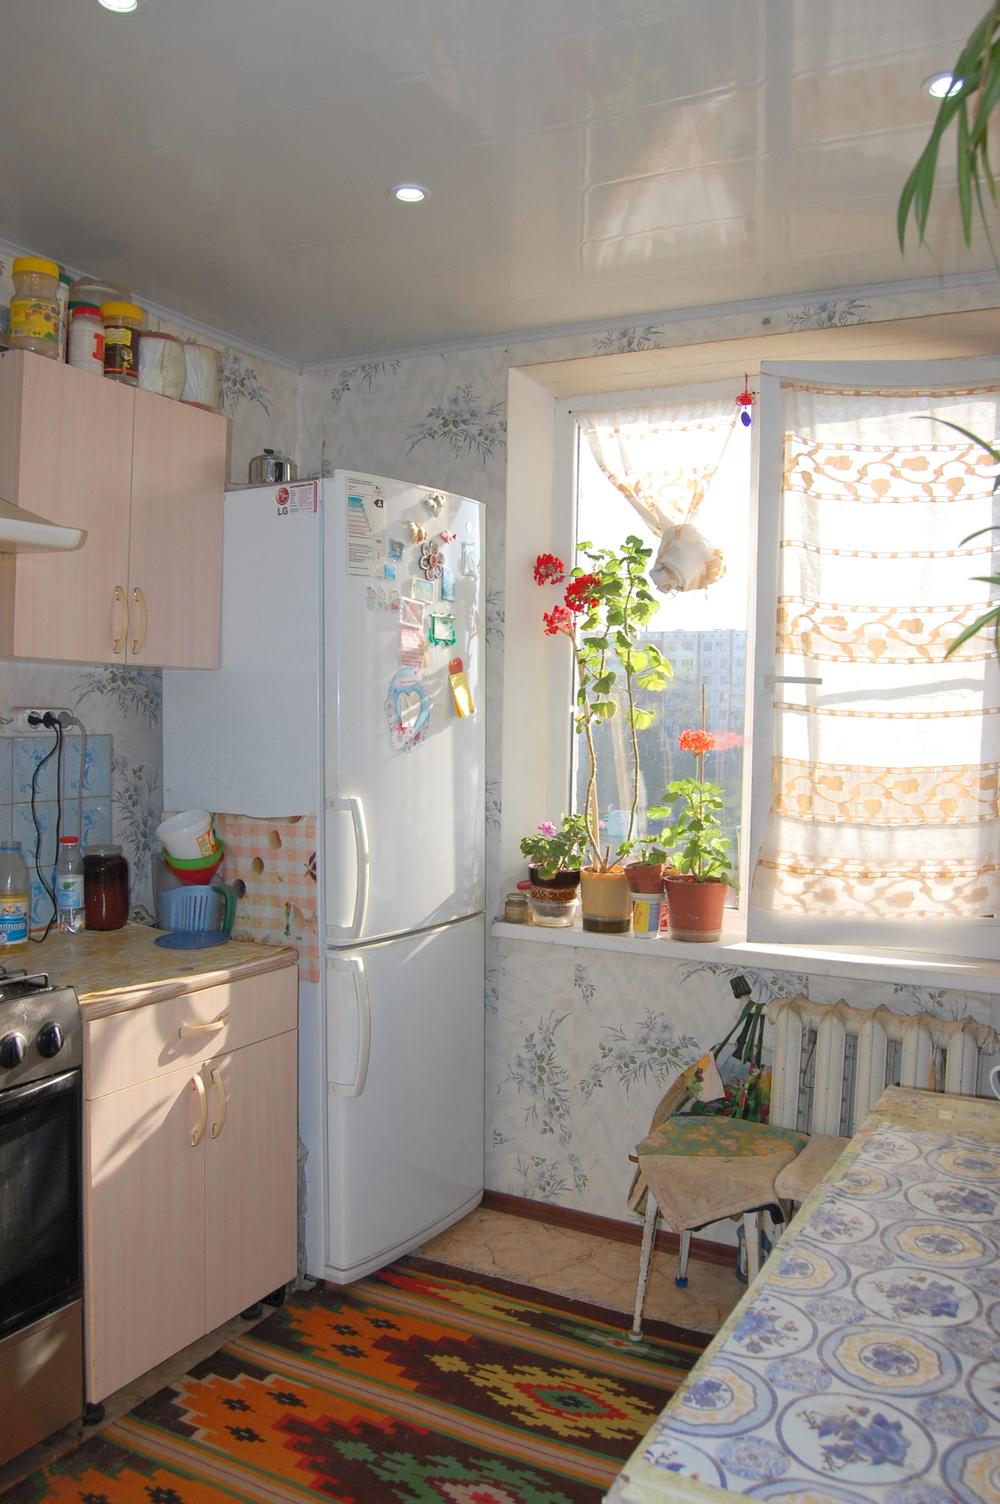 Волгоградская область, Волжский, ул. Оломоуцкая, 25